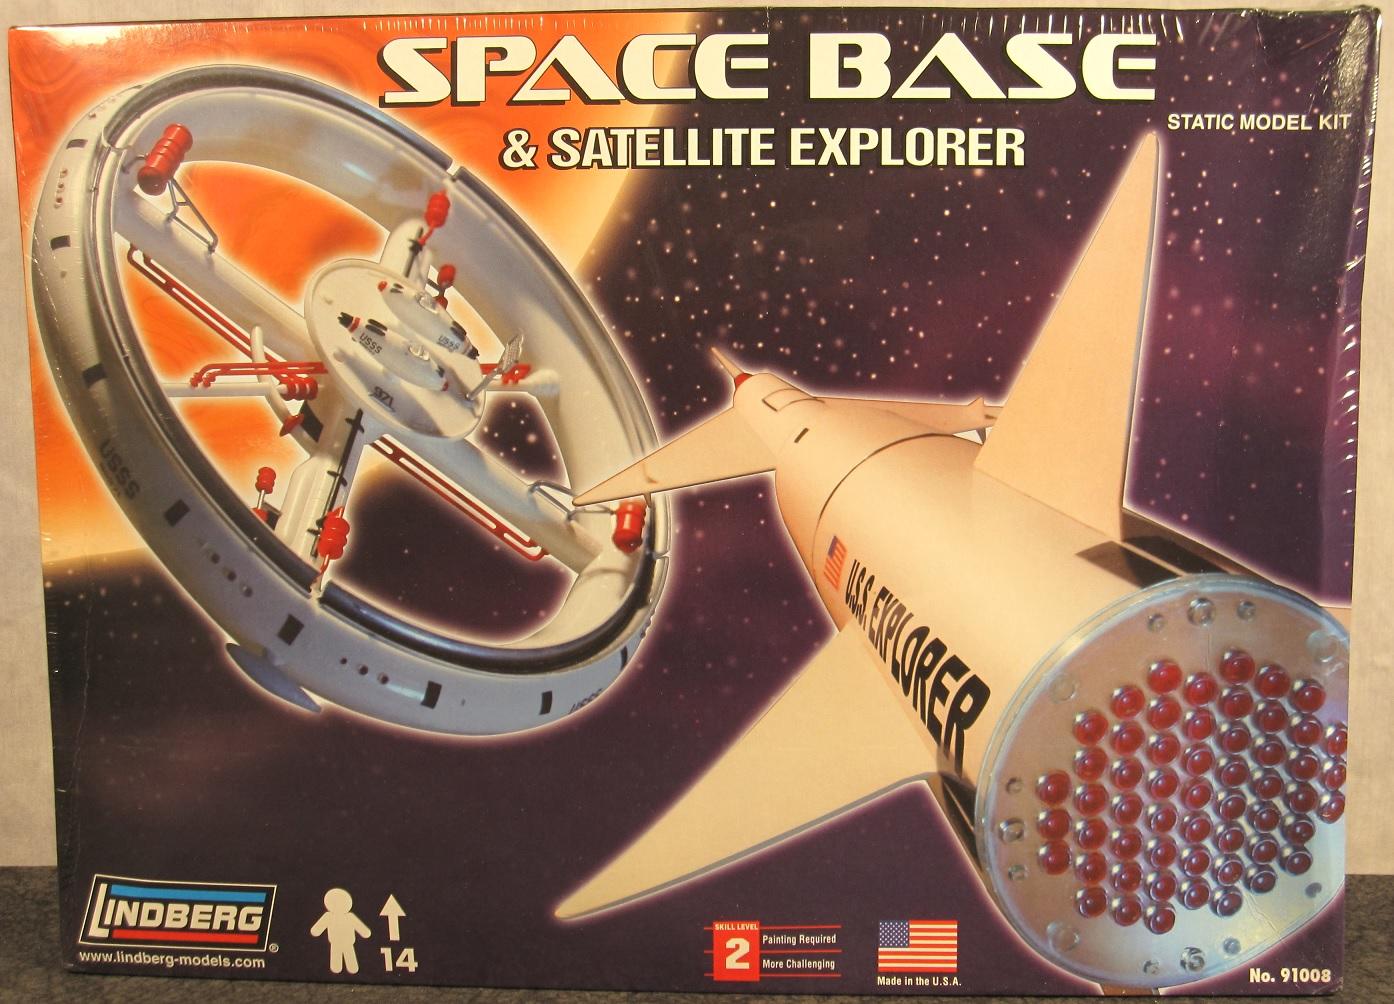 Von Braun 1:200 Scale Space Base and Satellite Explorer